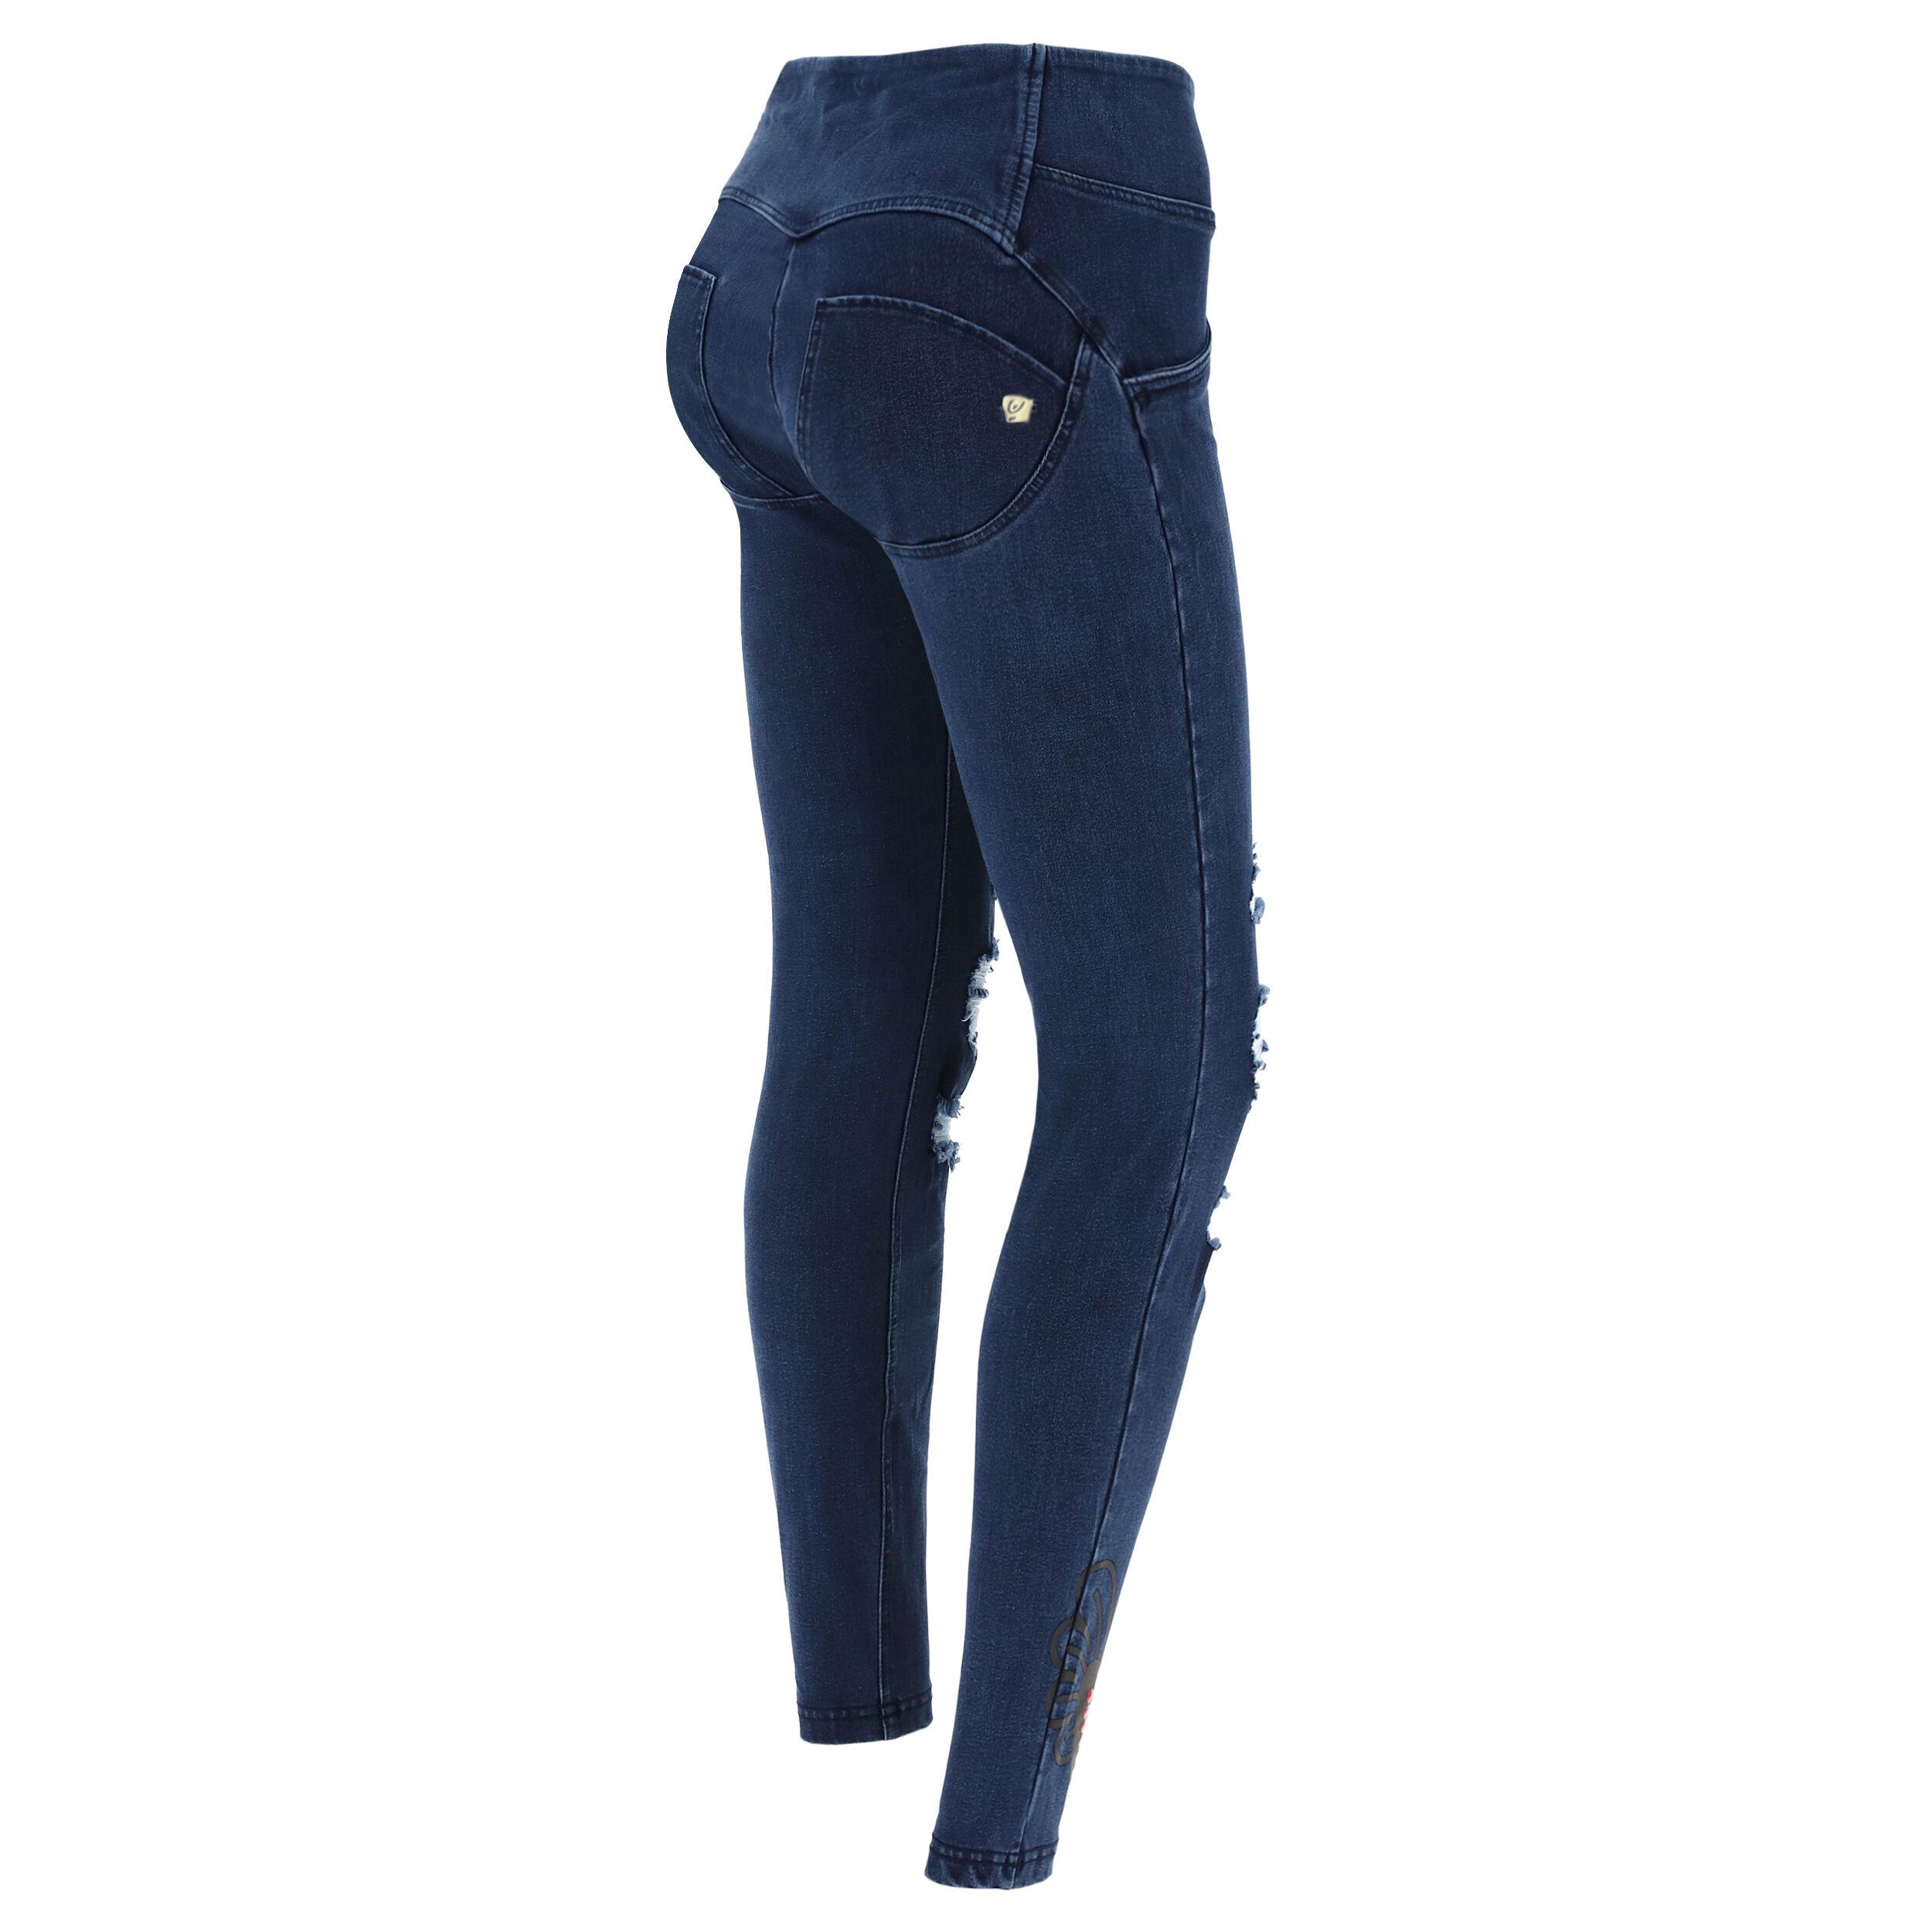 Freddy Jeans WR.UP® strappi e cuore alato – Romero Britto Collection Jeans Scuro-Cuciture In Tono